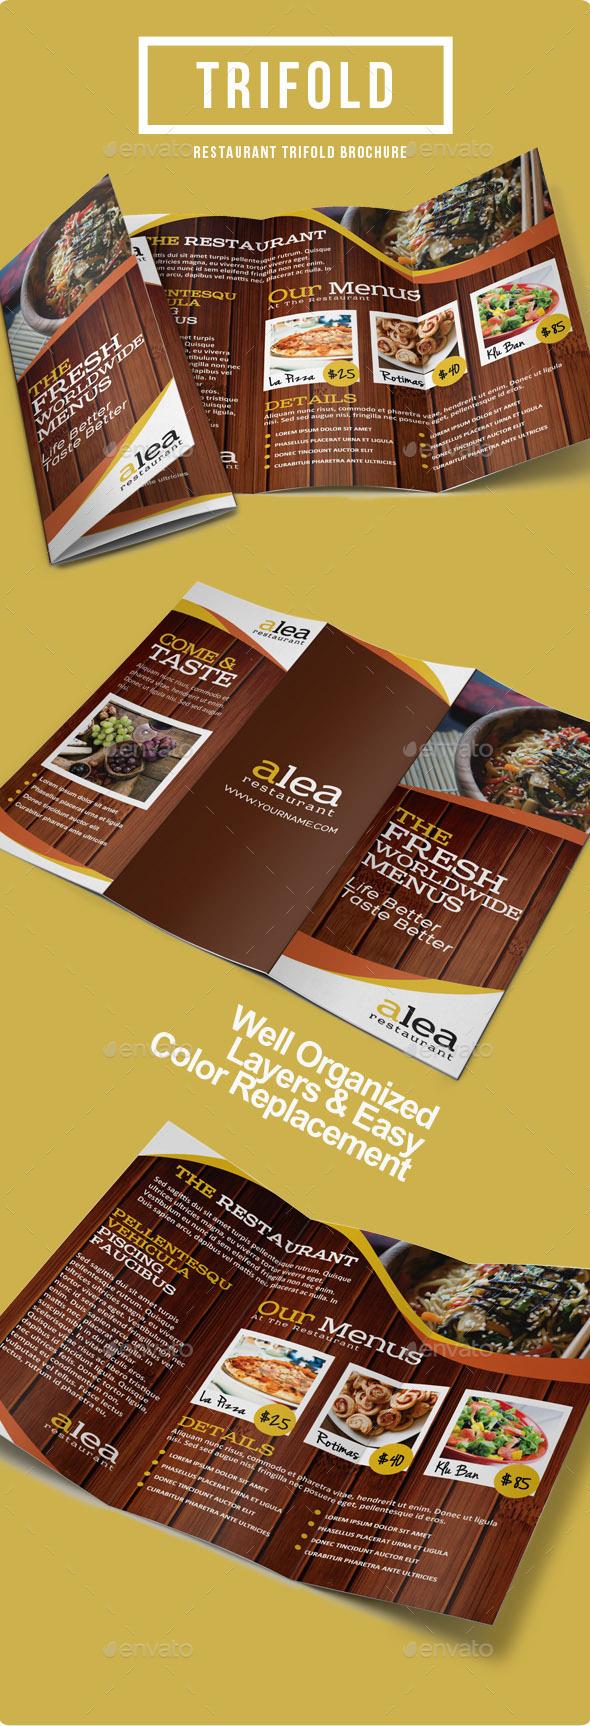 GraphicRiver Alea Restaurant Trifold Brochure 9128819